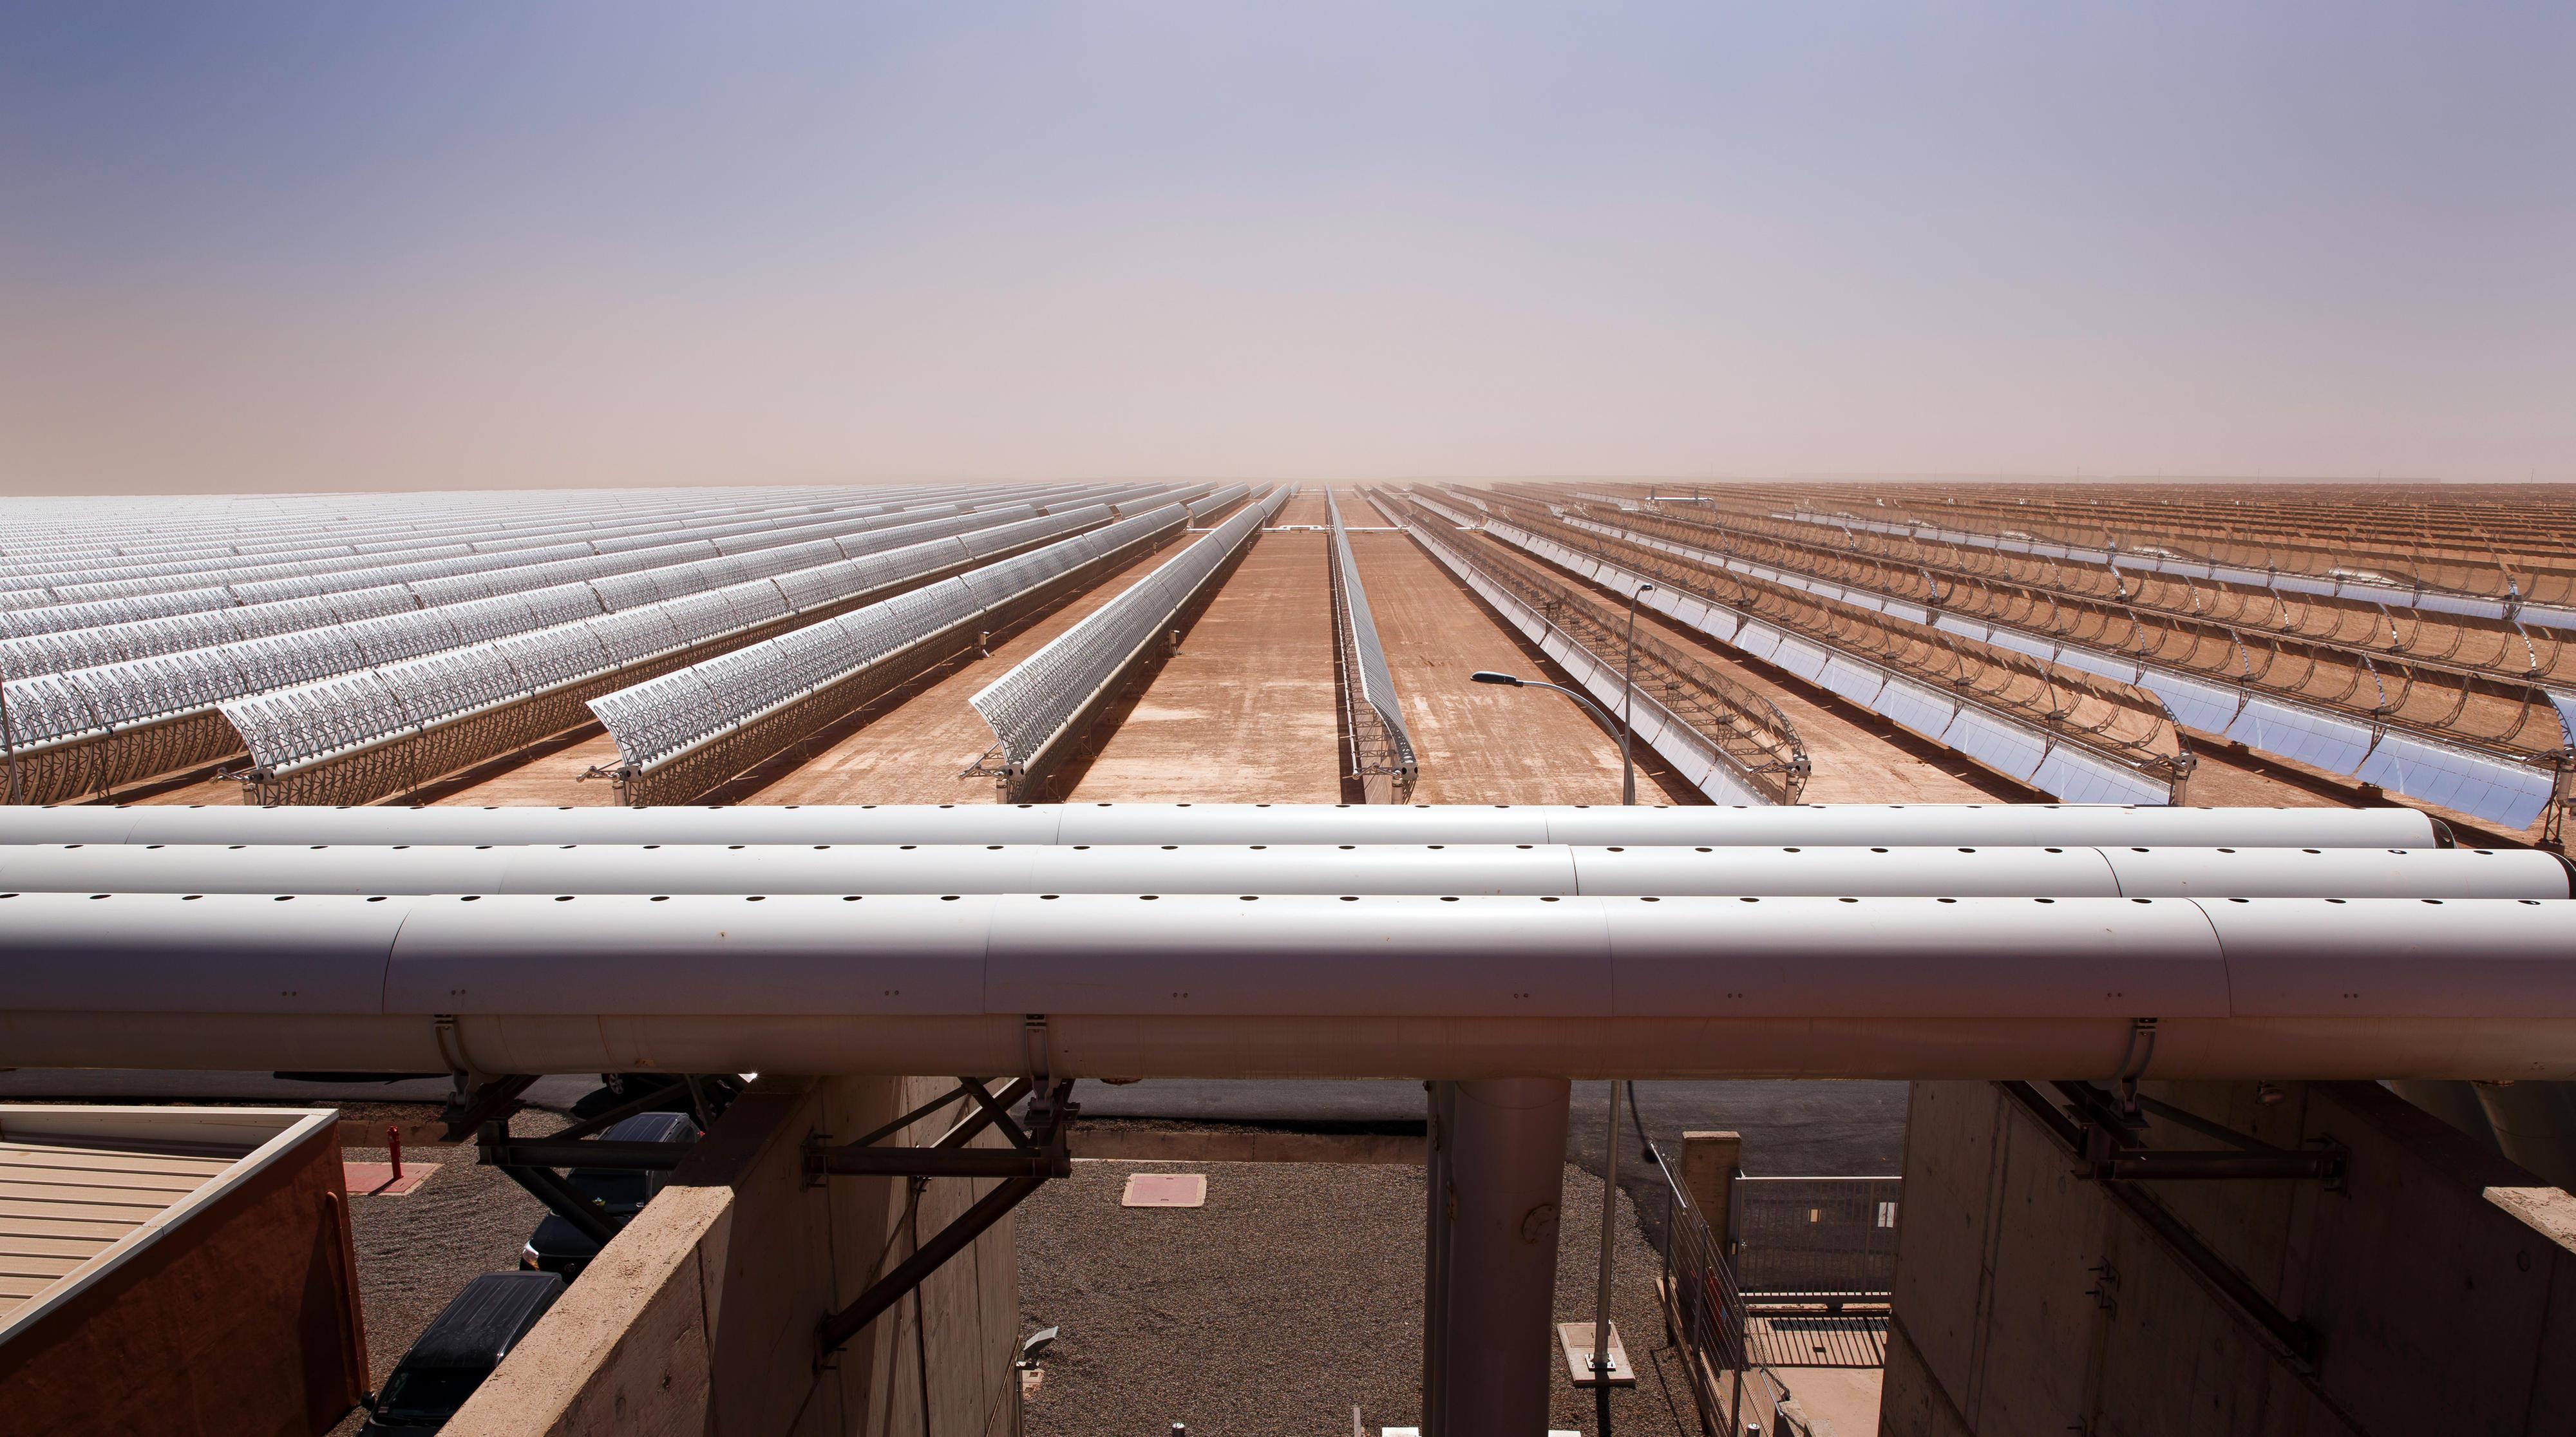 Solarflächen eines Solarkraftwerks in Quarzazate, Marokko